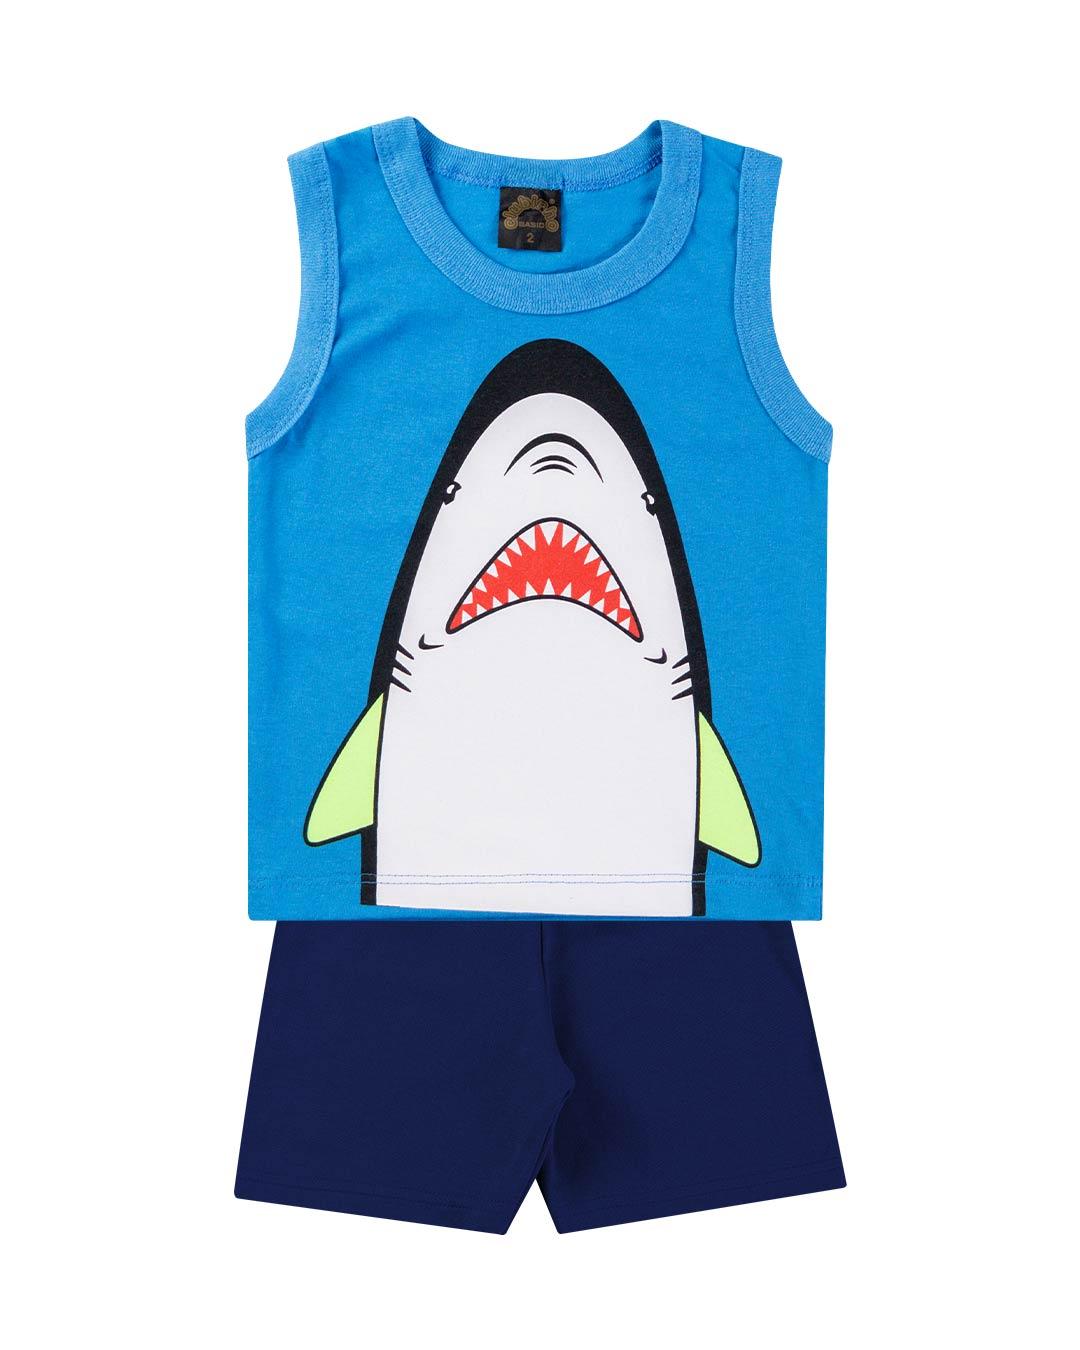 Conjunto Regata Shark - Clubinho